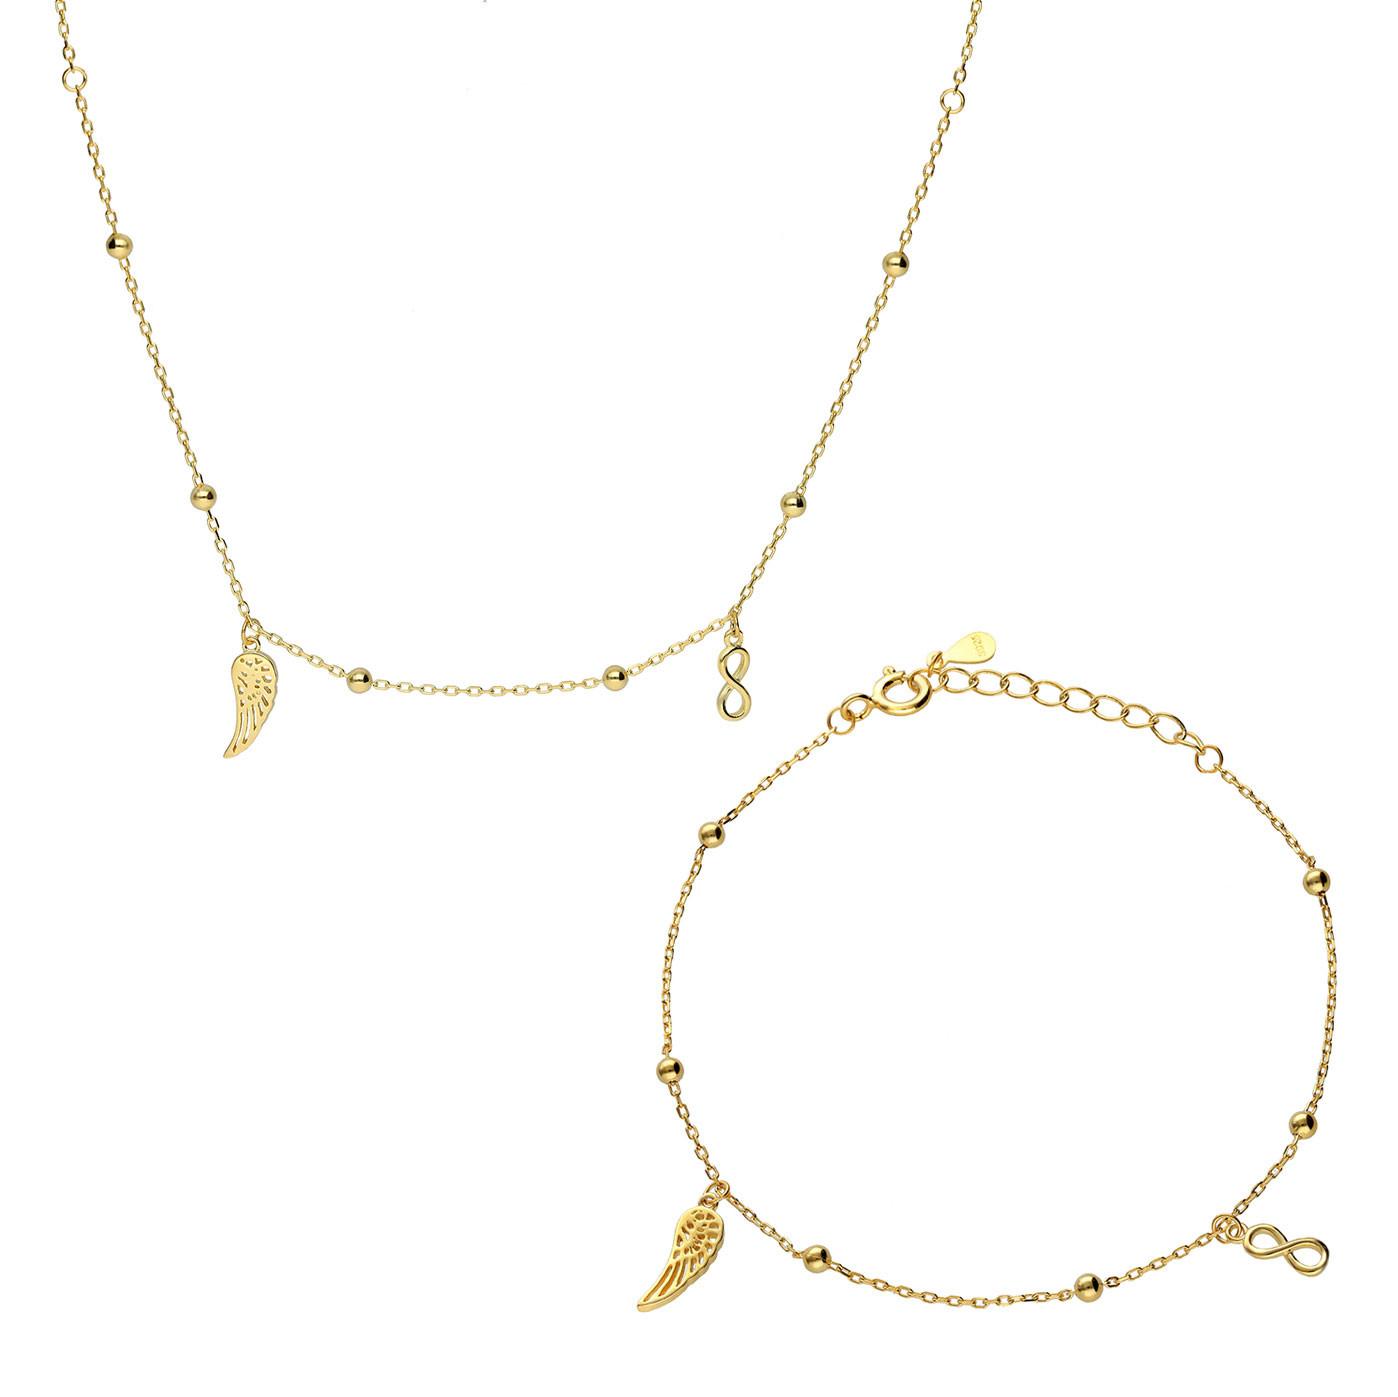 Komplet srebrny pozłacany, naszyjnik i bransoletka ze skrzydełkiem i nieskończonością, próba 925